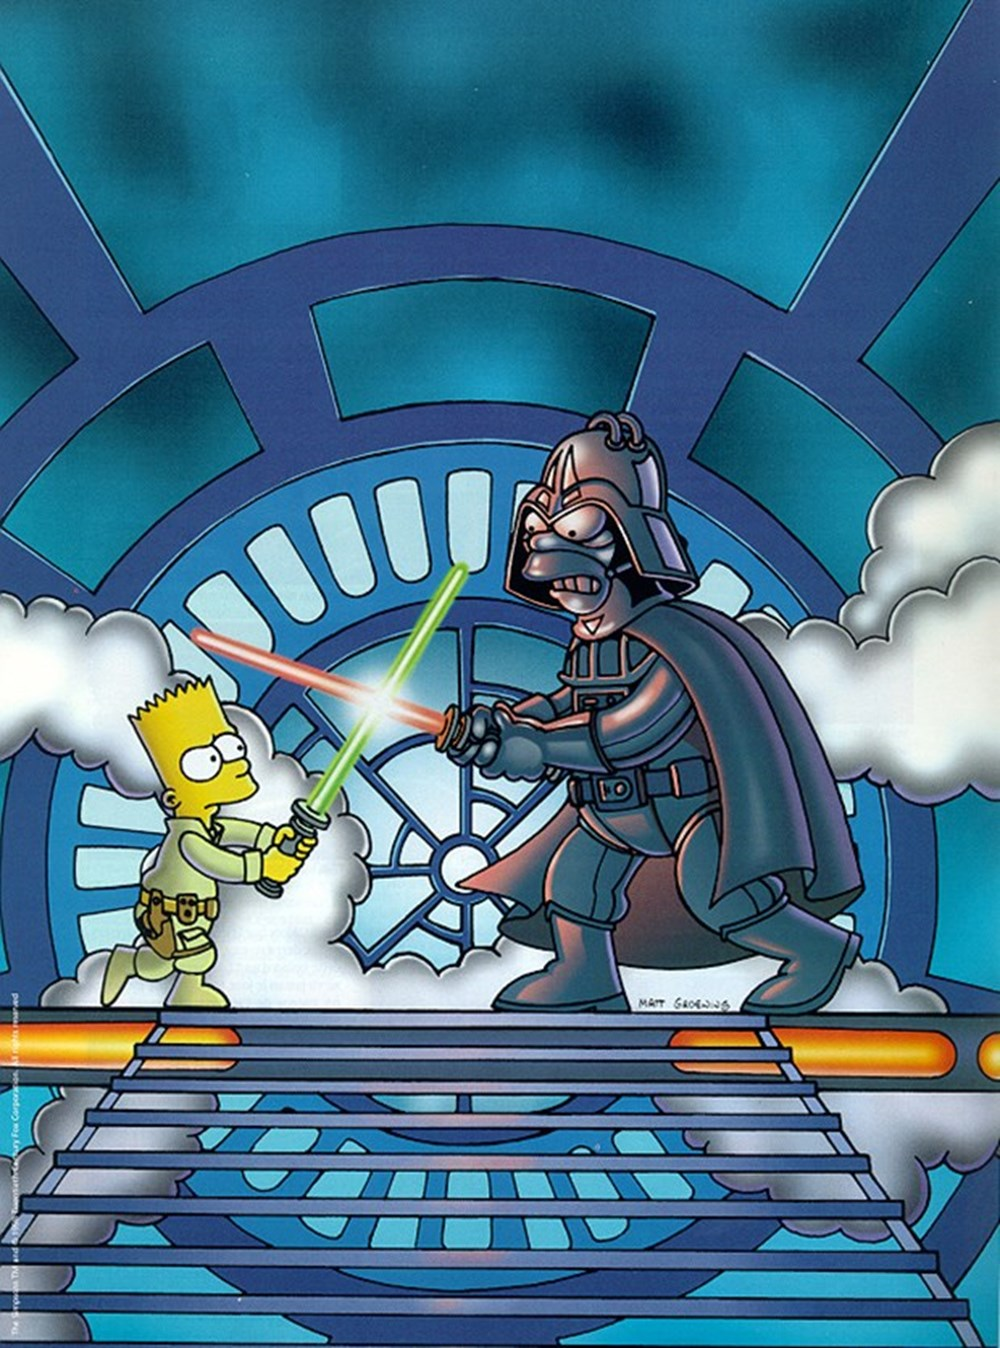 Simpsonlar'ın (The Simpsons) kehaneti yine tuttu: Biden ve Harris'in yemin törenini 20 yıl önceden bildiler - 26